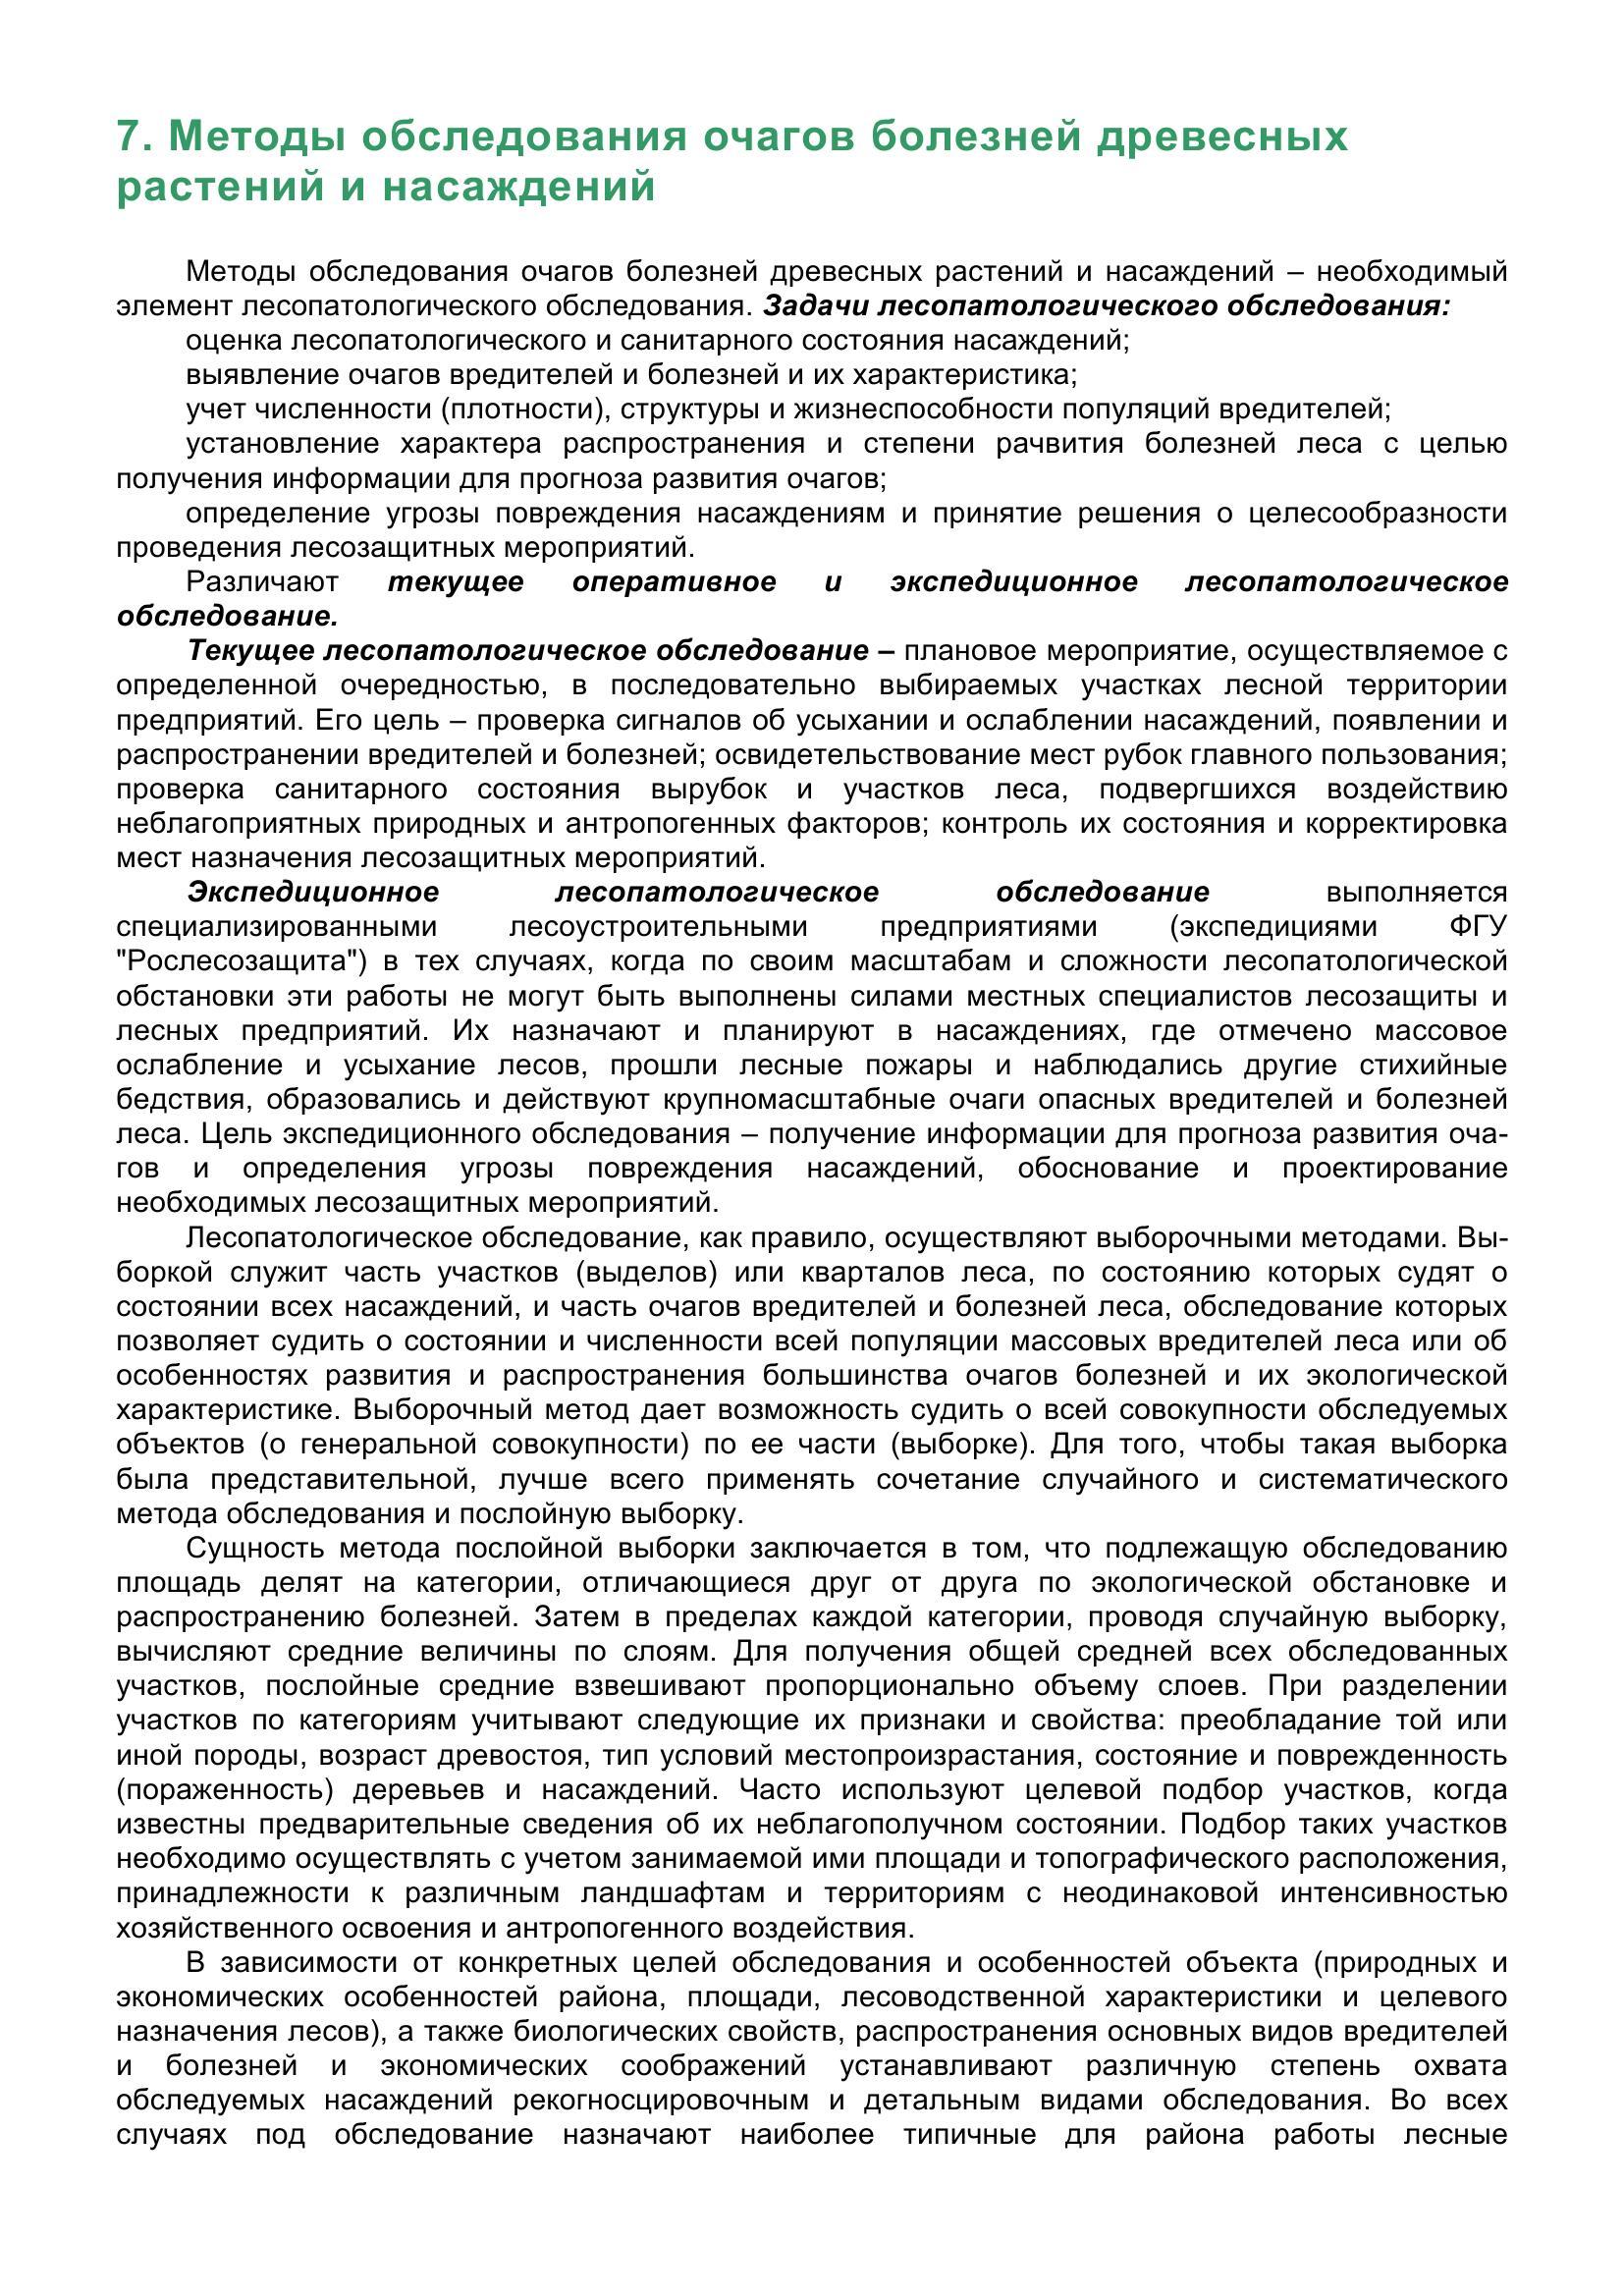 Болезни_древесных_растений_028.jpg